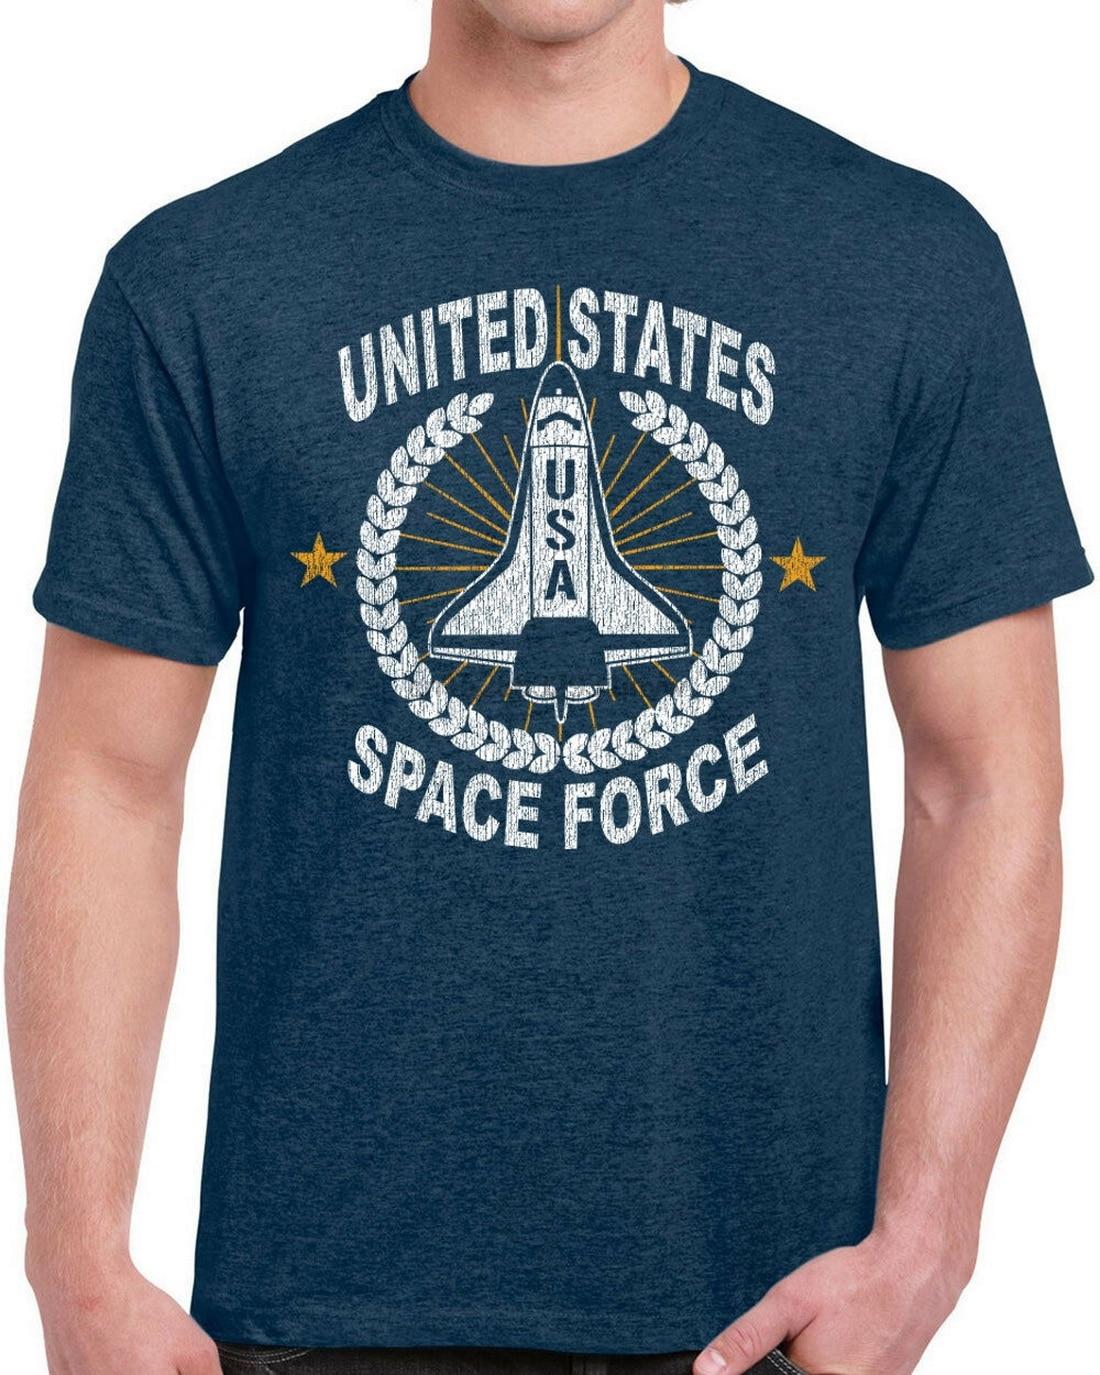 Camiseta de la fuerza espacial de los Estados Unidos para hombre de...